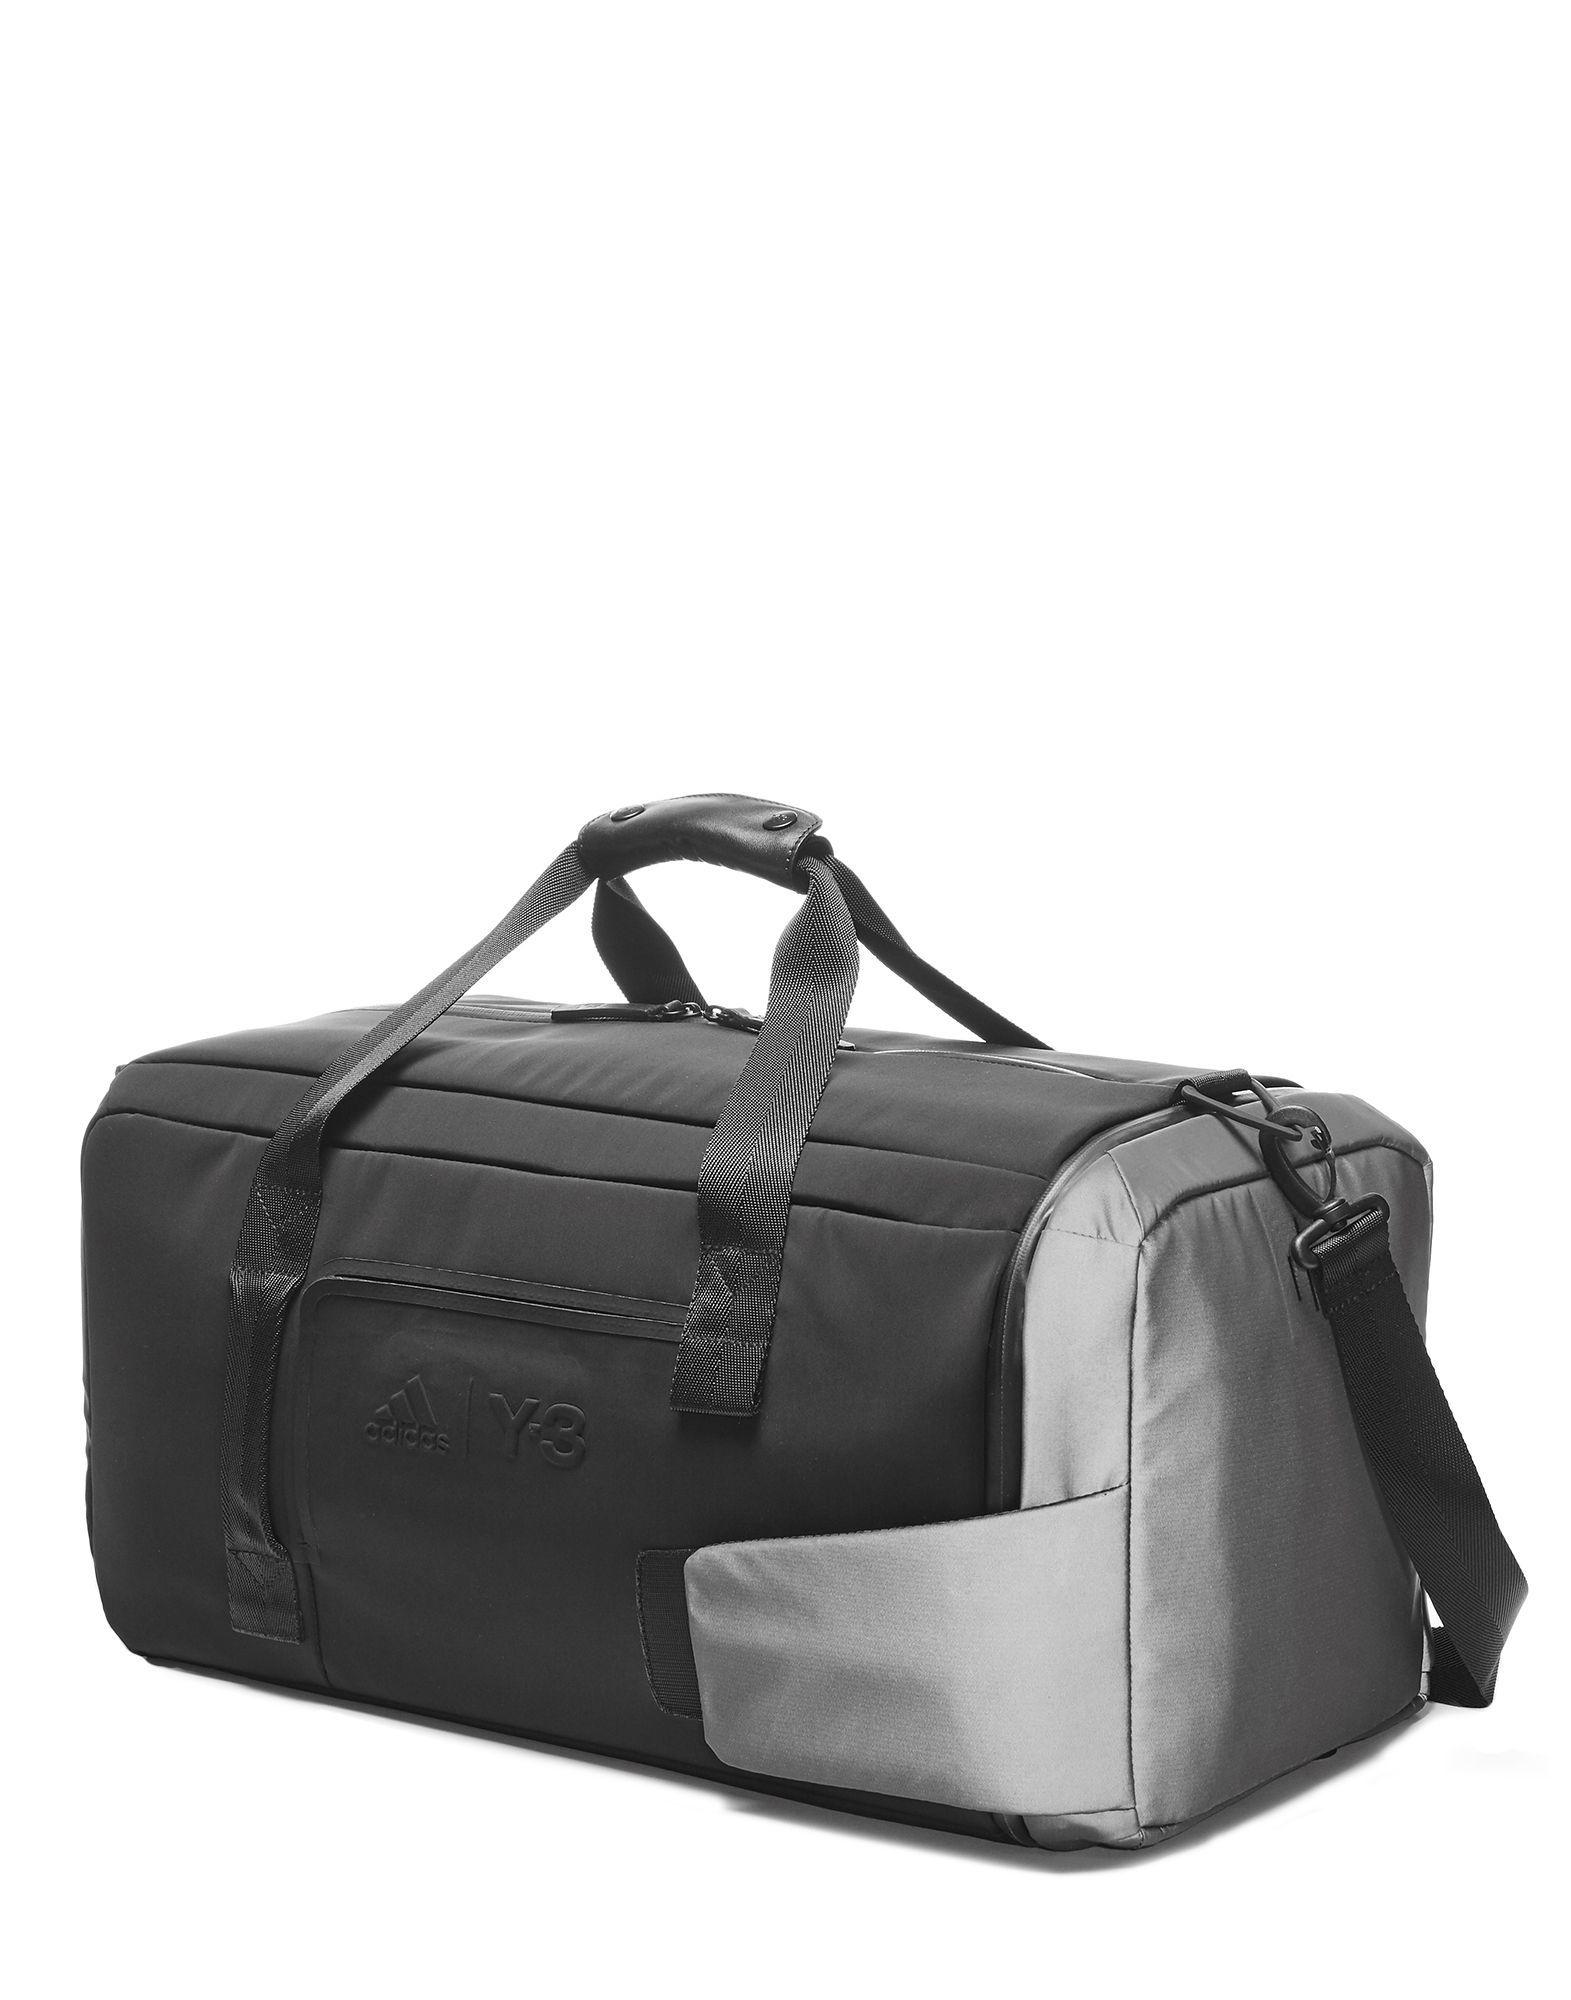 590 00 413 Y 3 Sport Gymbag Bags Uni Adidas